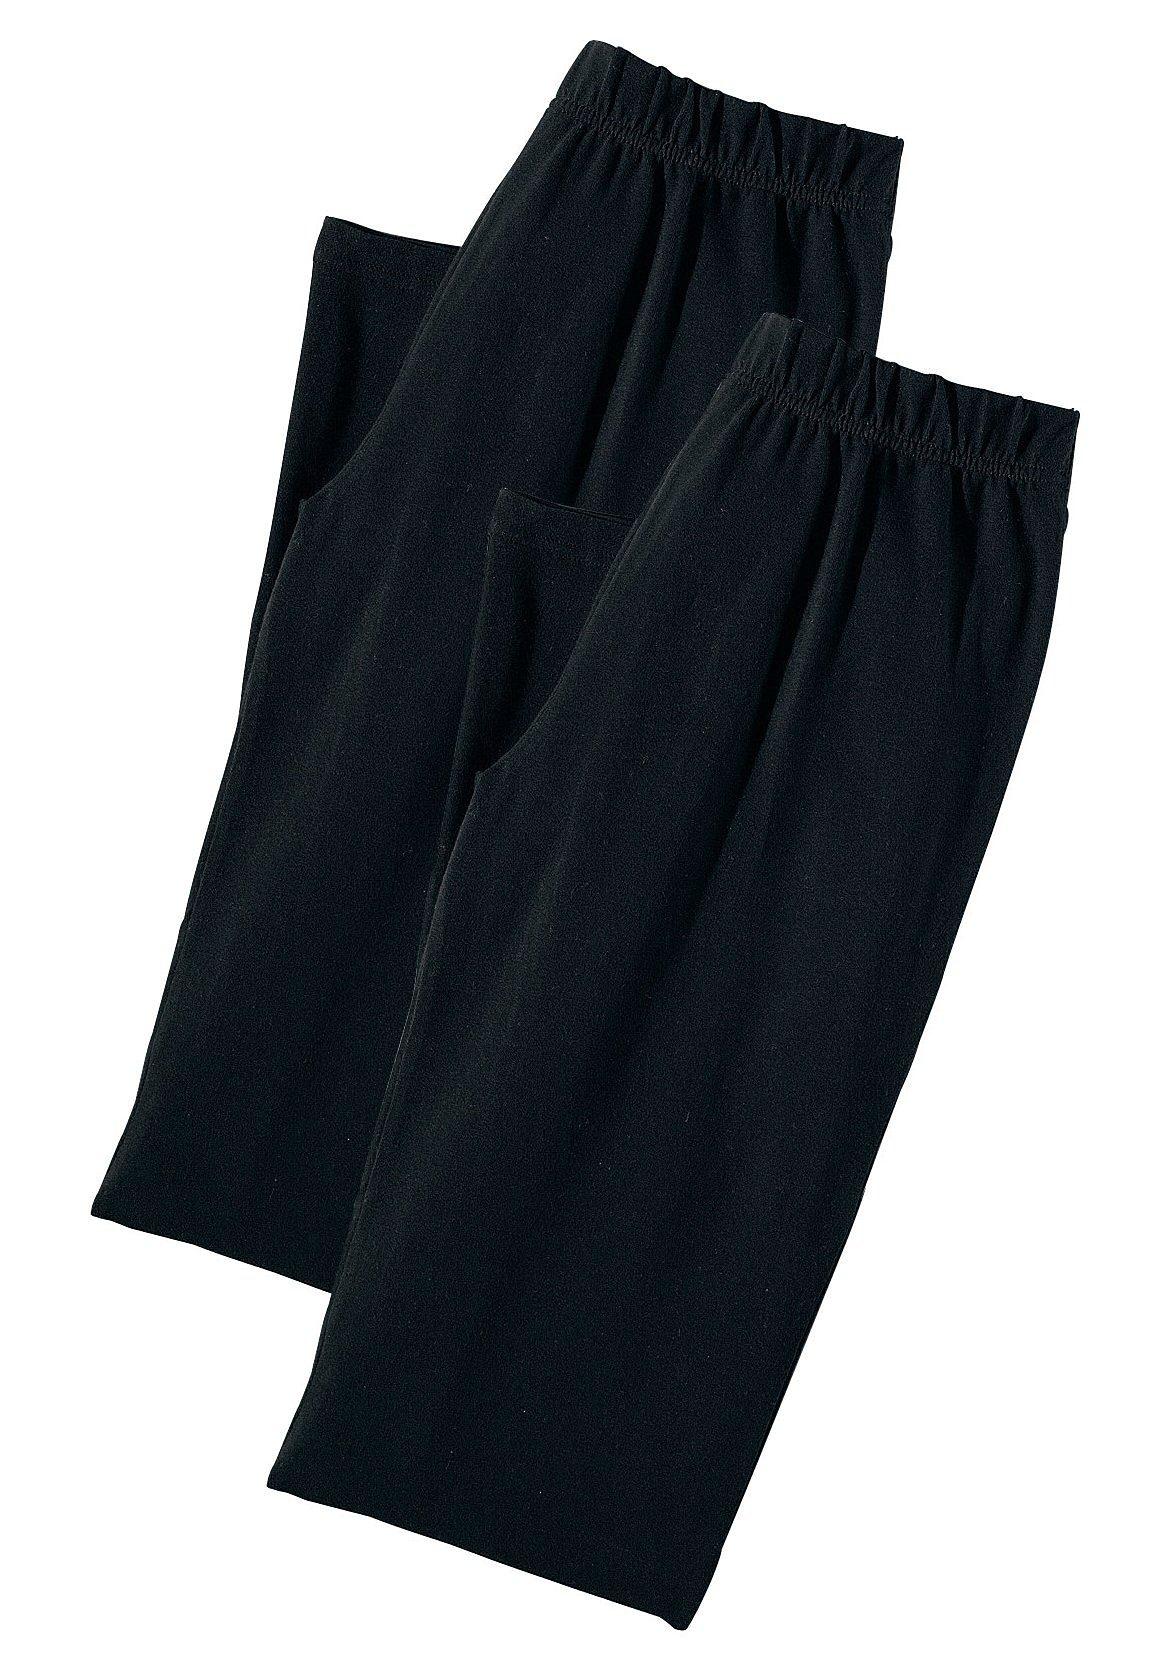 Vivance Homewearhosen (2 Stück) aus softer elastischer Qualität